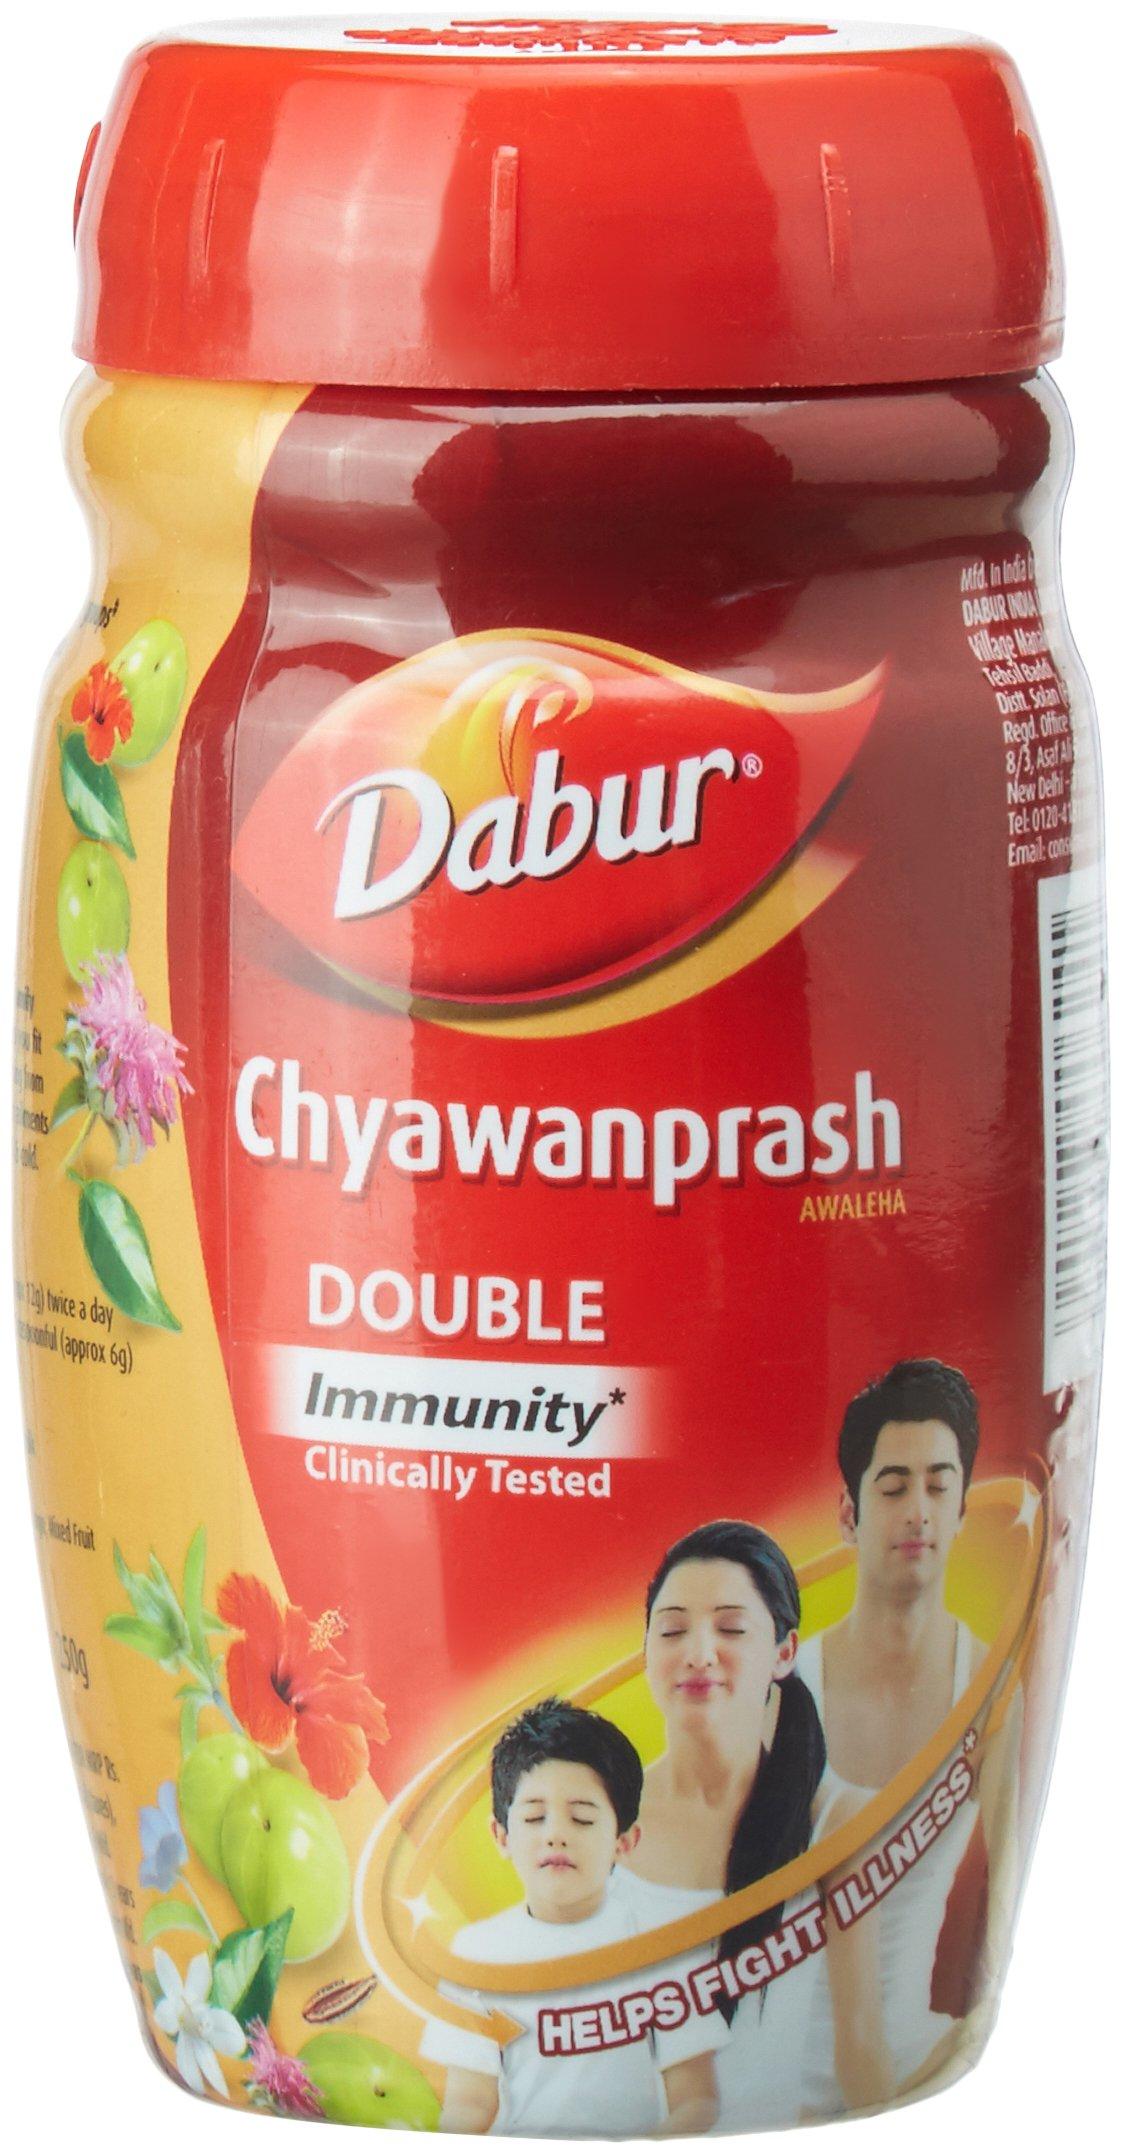 Dabur Chyawanprash 250g by Dabur